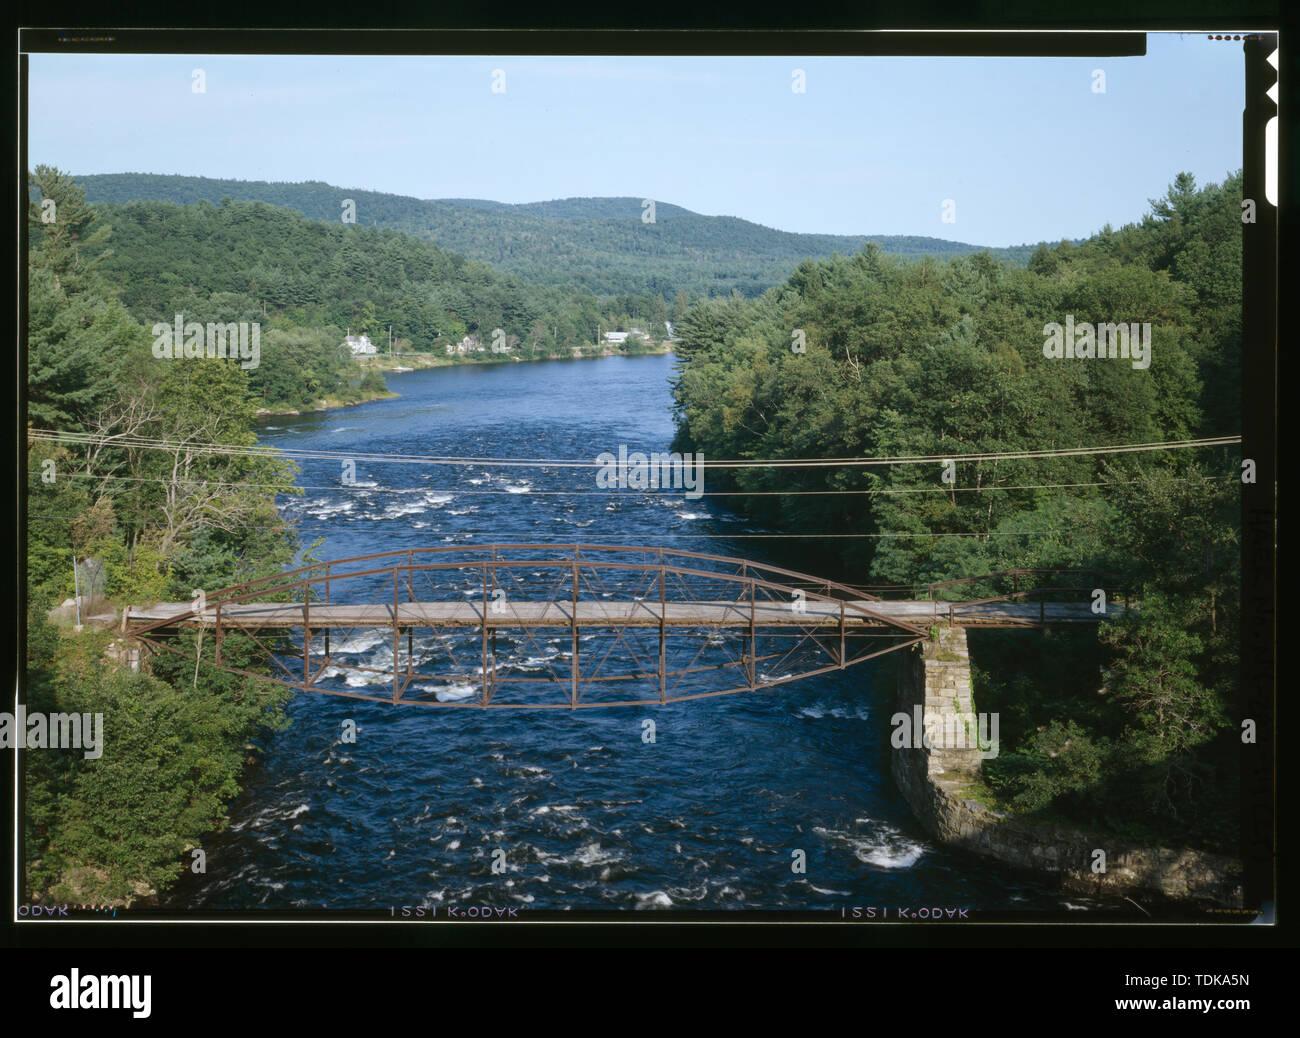 - Old Corinth Road Bridge, Spanning Sacandaga River at Corinth Road, Hadley, Saratoga County, NY - Stock Image